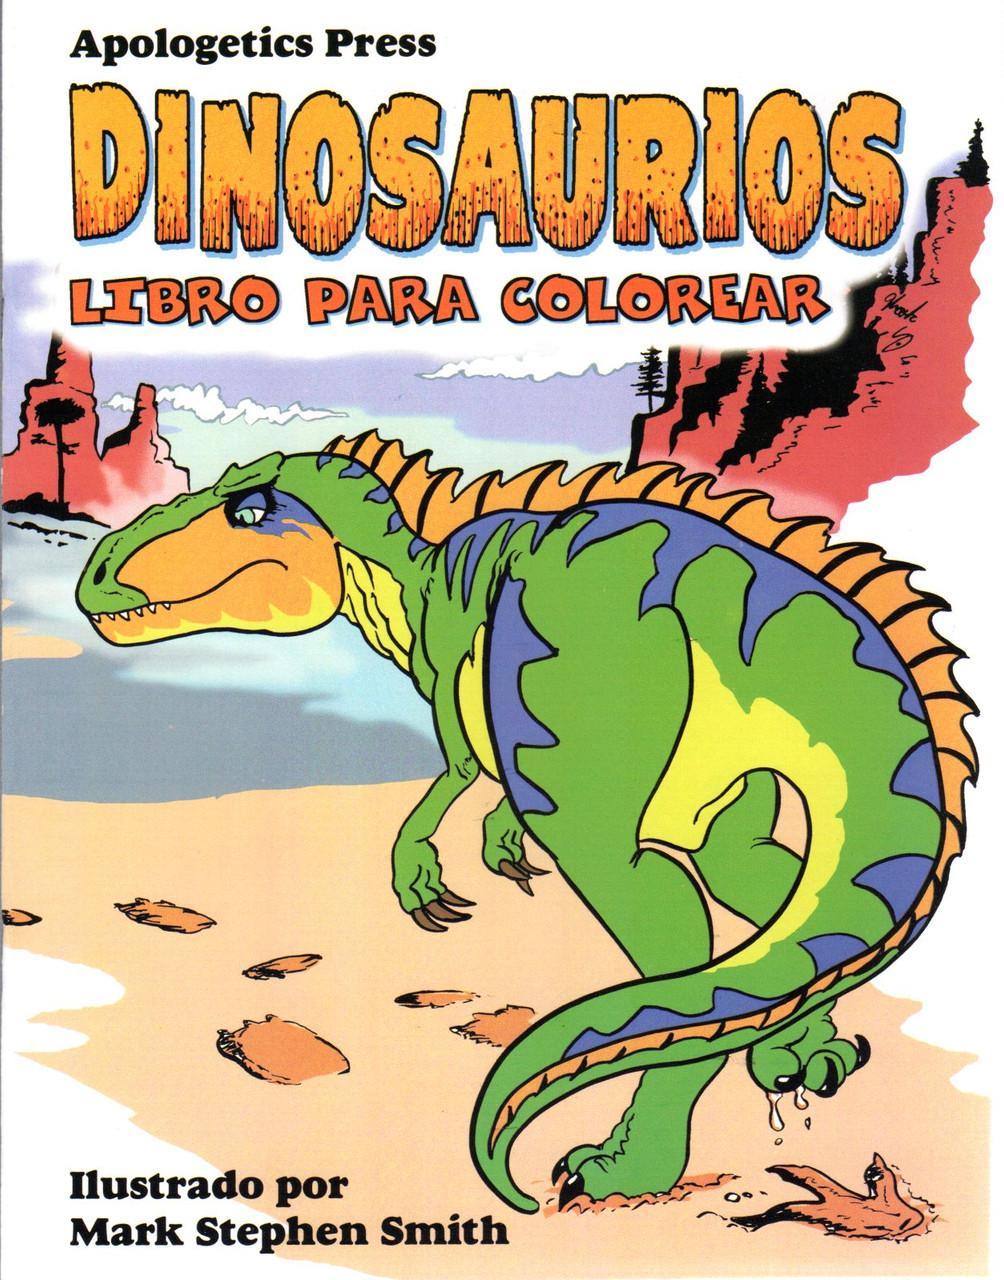 Dinosaurios Libro Para Colorear Sunset Bookstore Contiene preciosas ilustraciones que nos acercan al mundo. dinosaurios libro para colorear